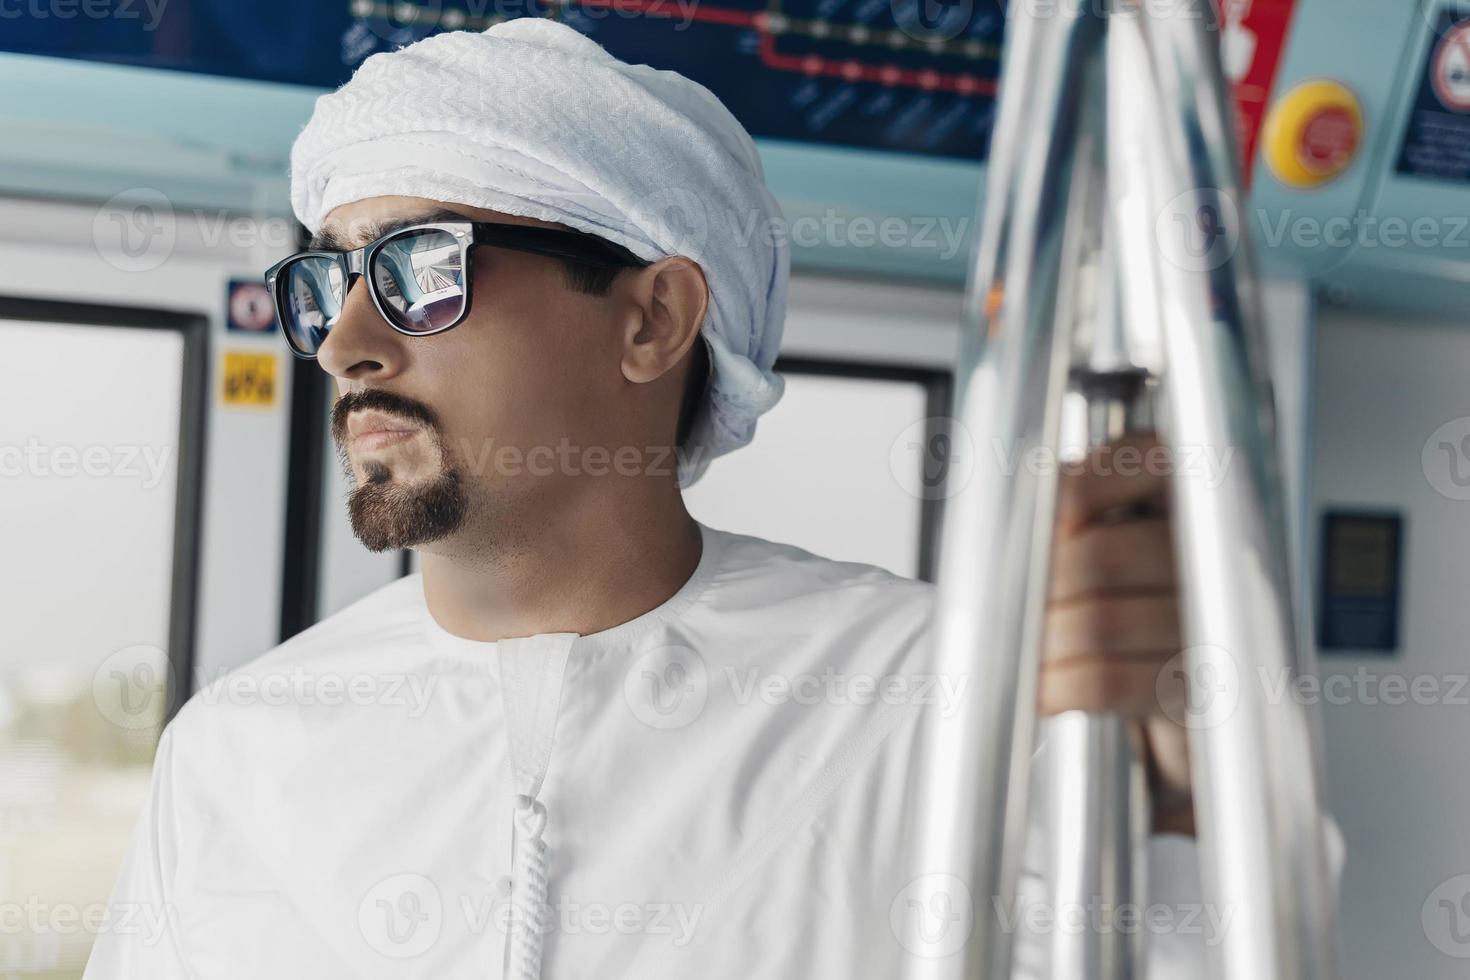 maschio arabo in treno della metropolitana foto